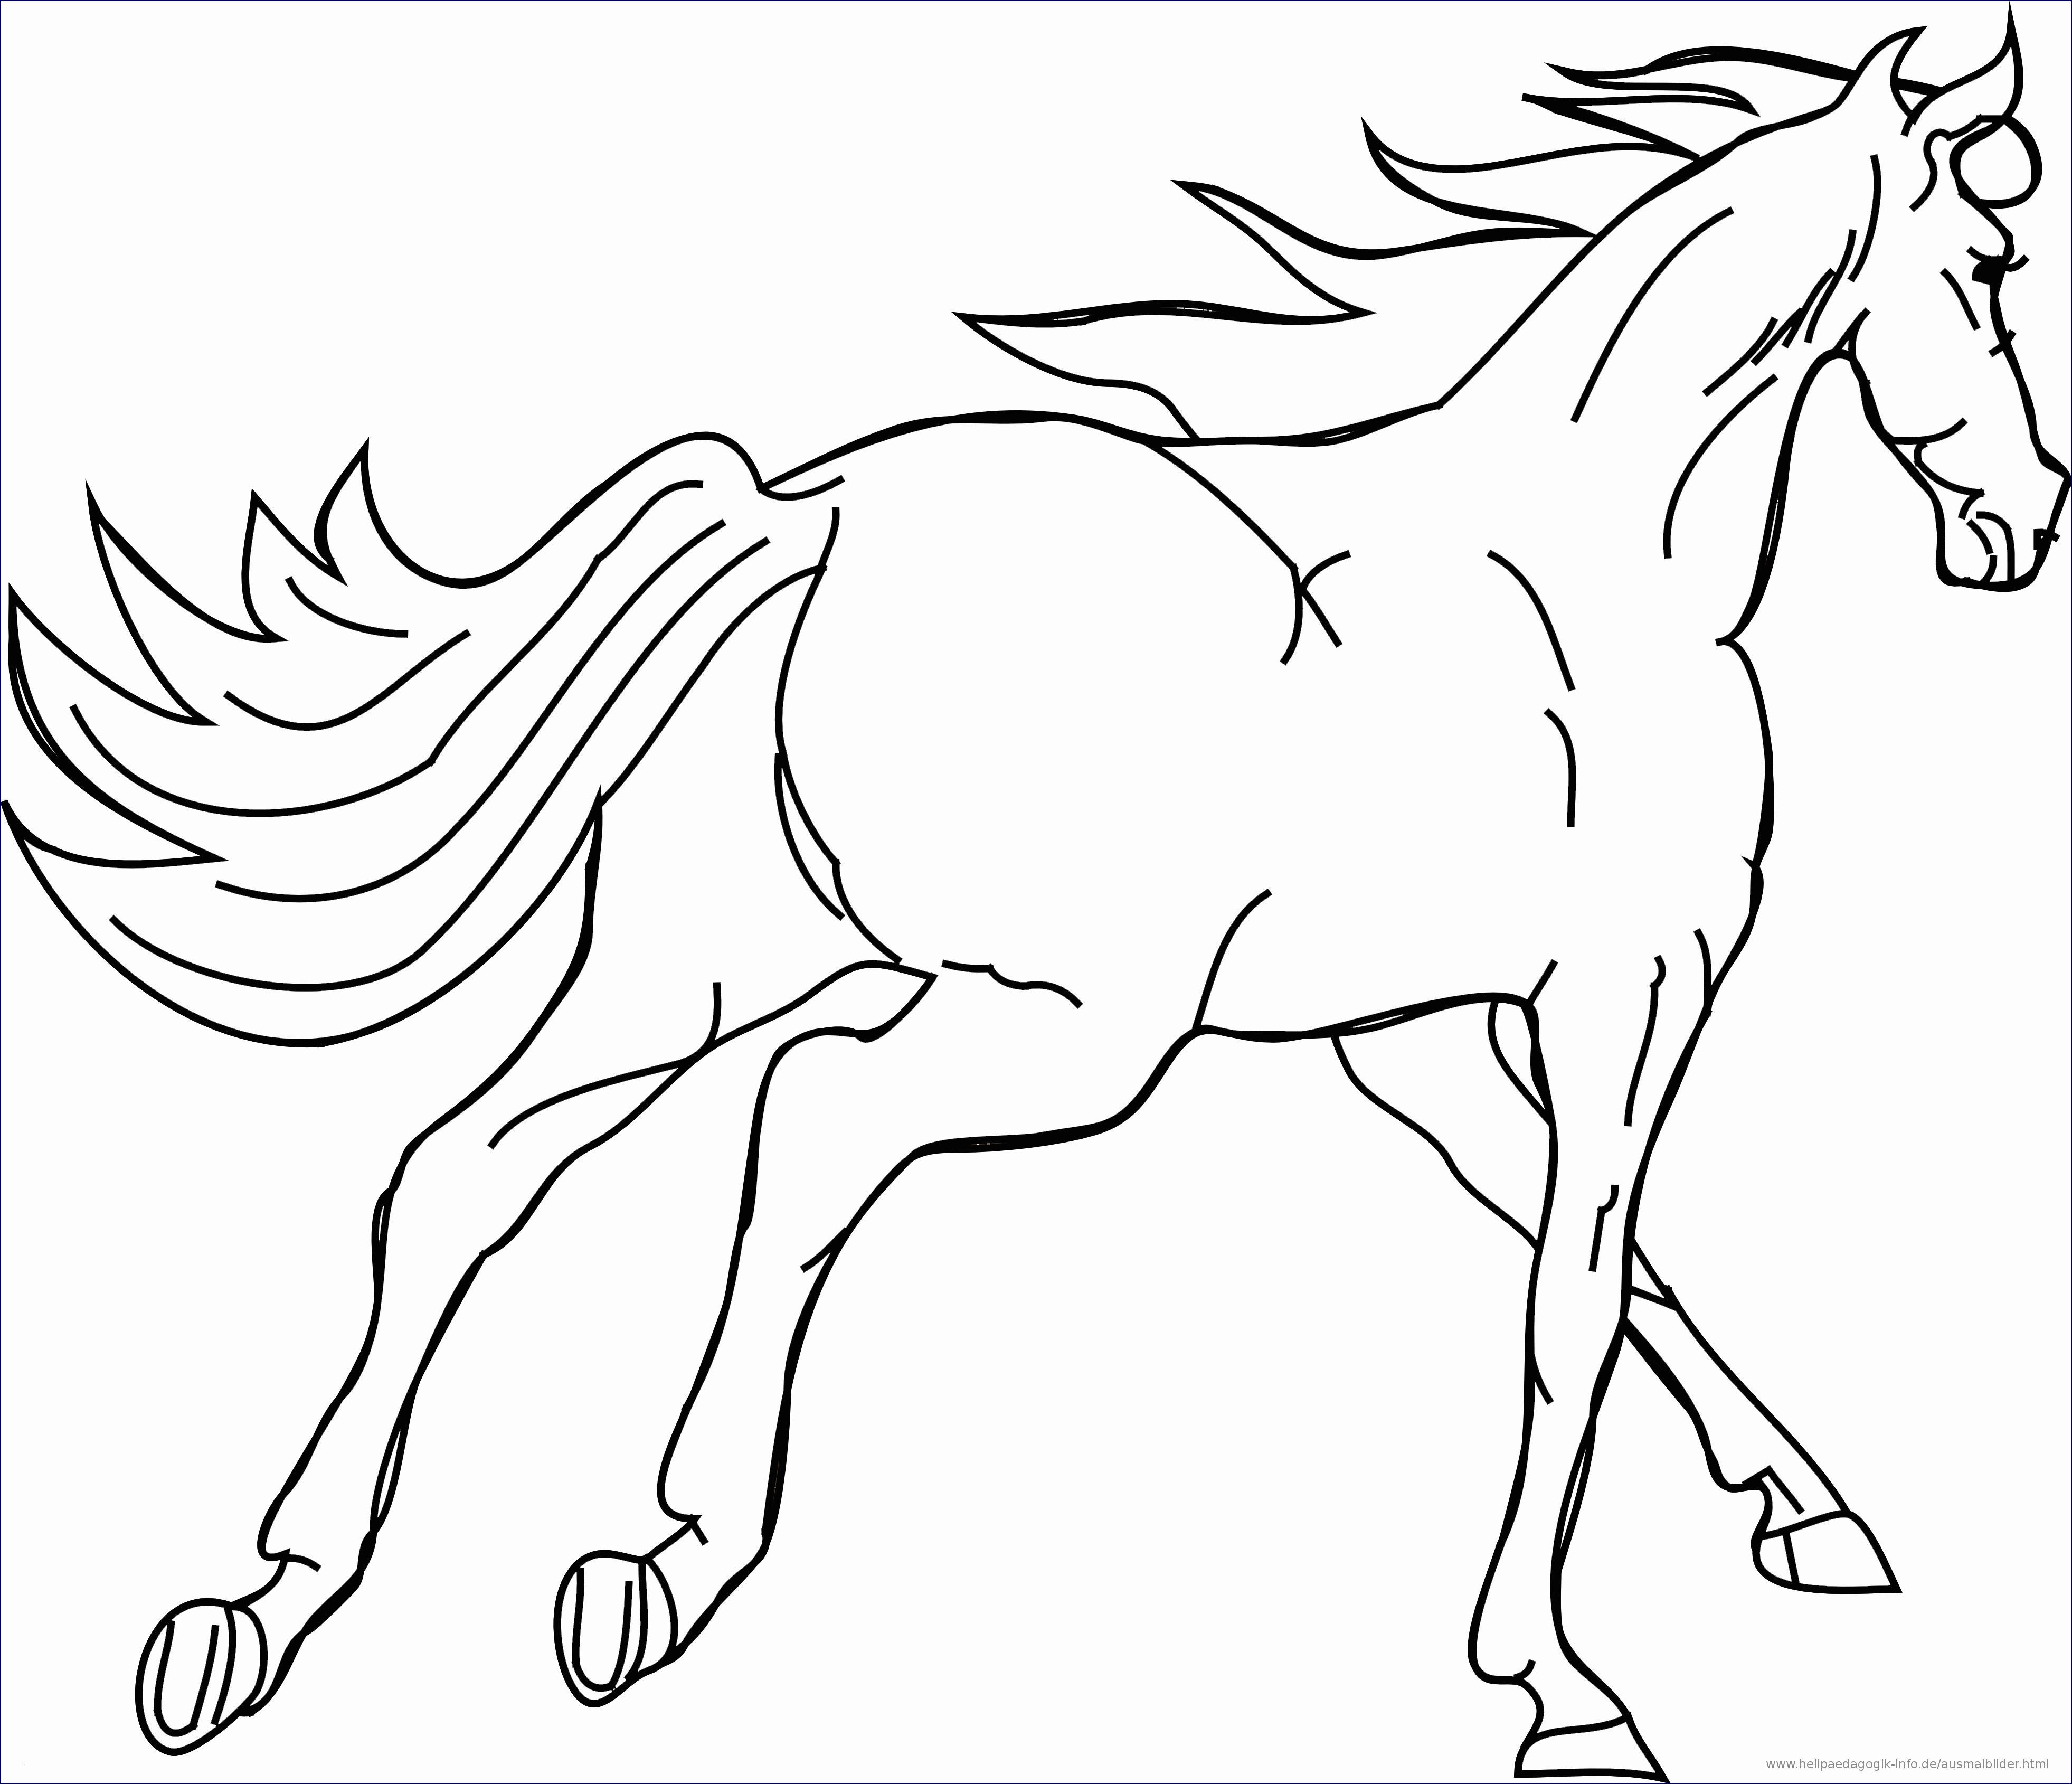 Ausmalbilder Filly Pferd Genial Ausmalbilder Hundebaby Luxus 42 Neu Bild Von Ausmalbilder Von Genial Bild